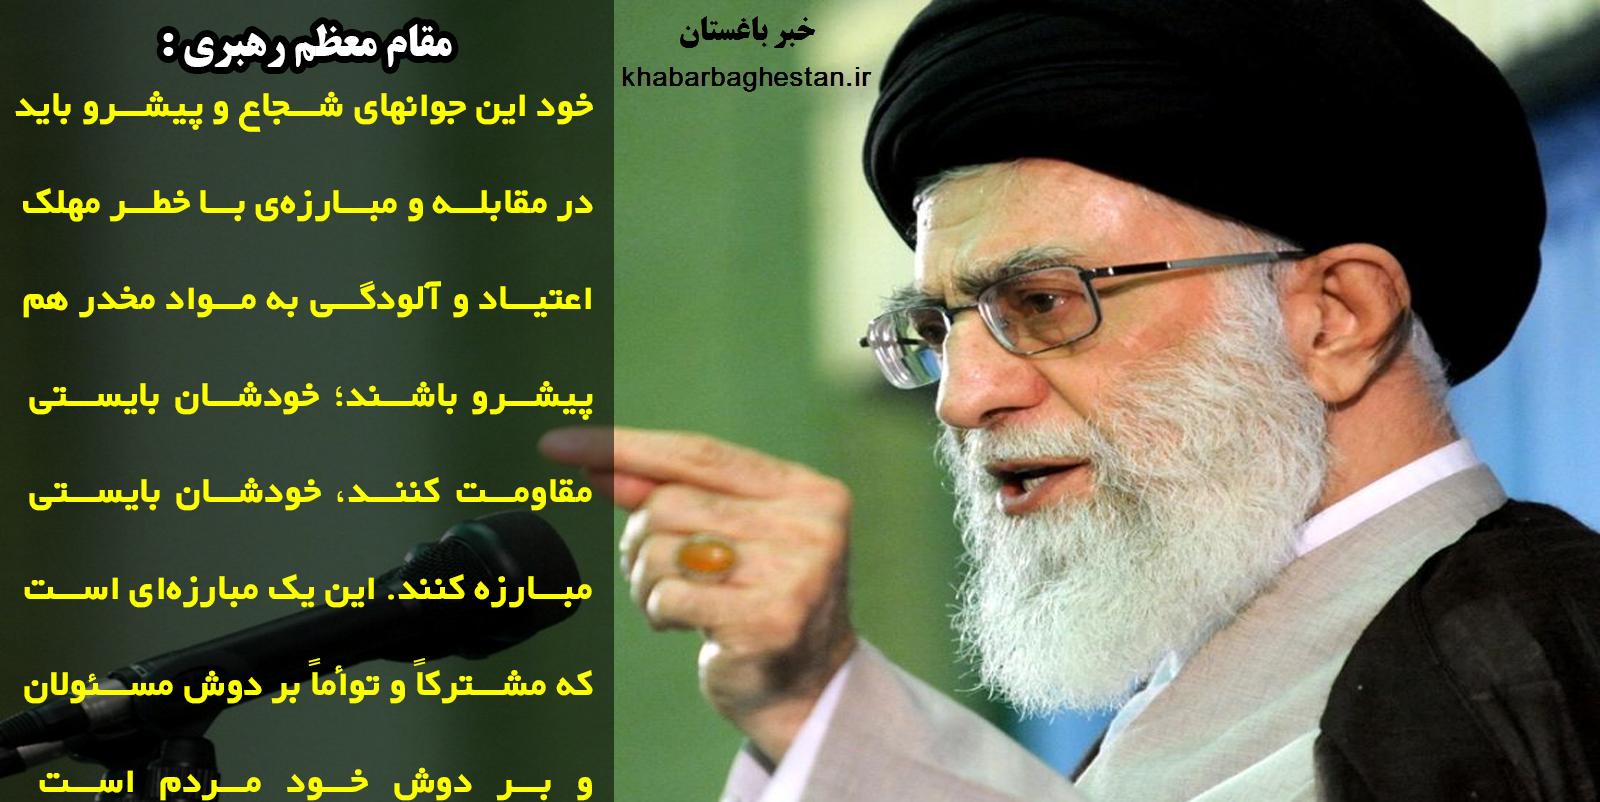 عکس نوشته های با عنوان بیانات مقام معظم رهبری در خصوص مذمت اعتیاد و مواد مخدر